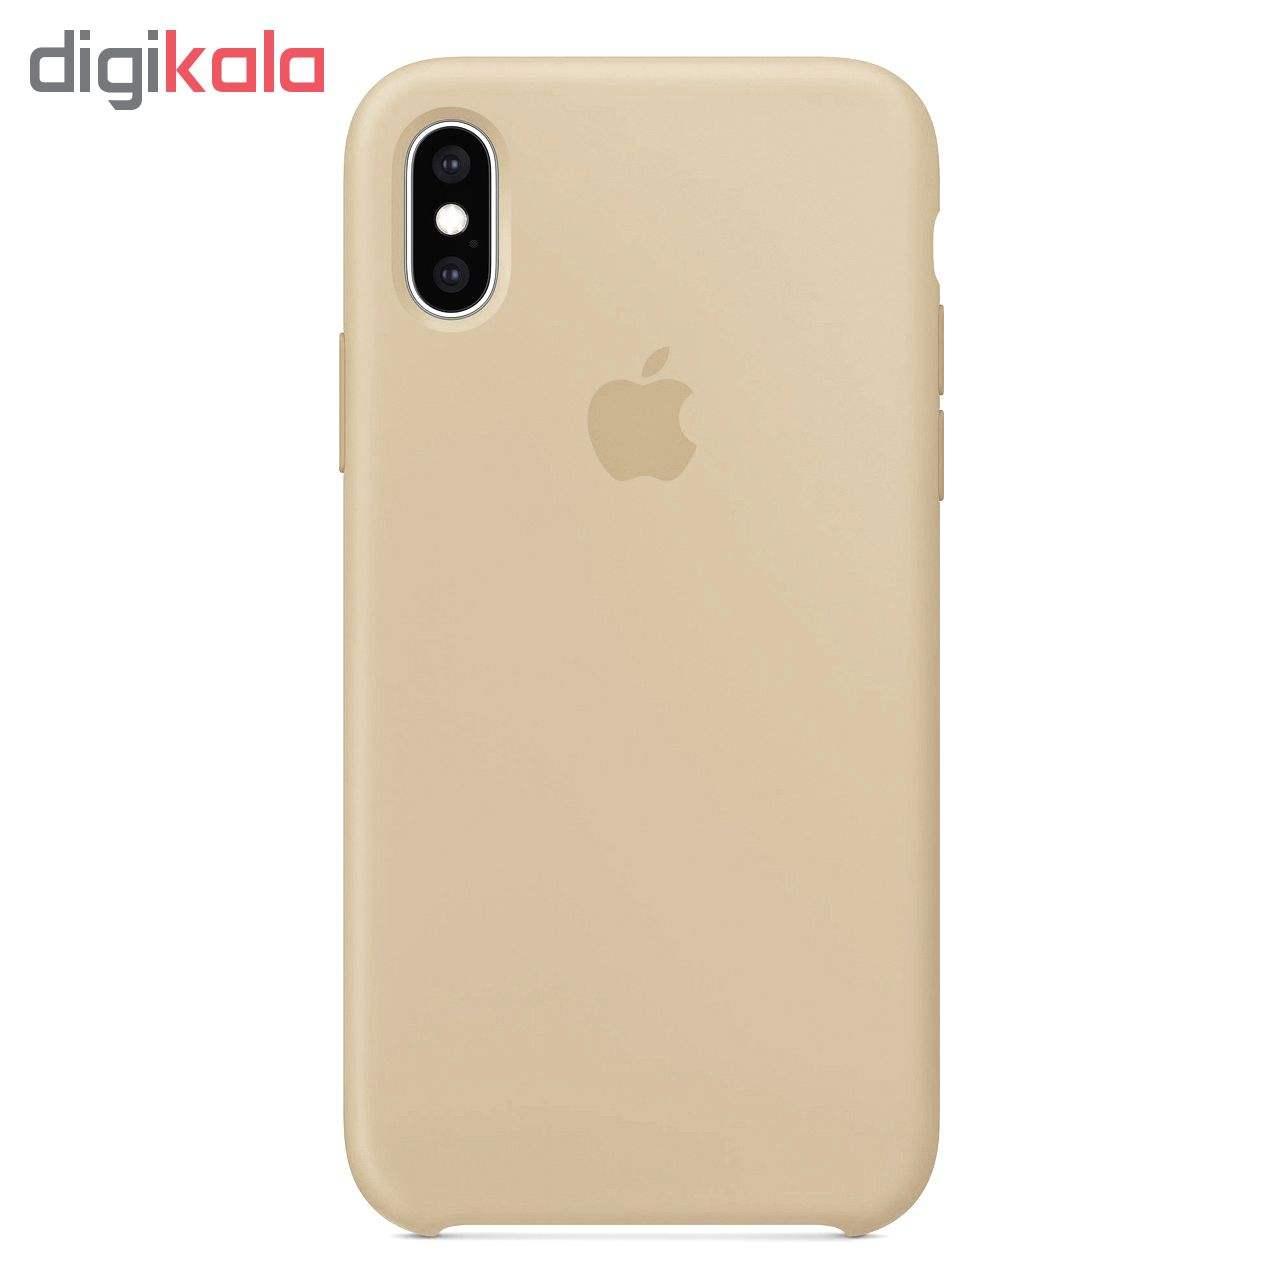 کاور مدل sili003 مناسب برای گوشی موبایل اپل Iphone X / XS main 1 10